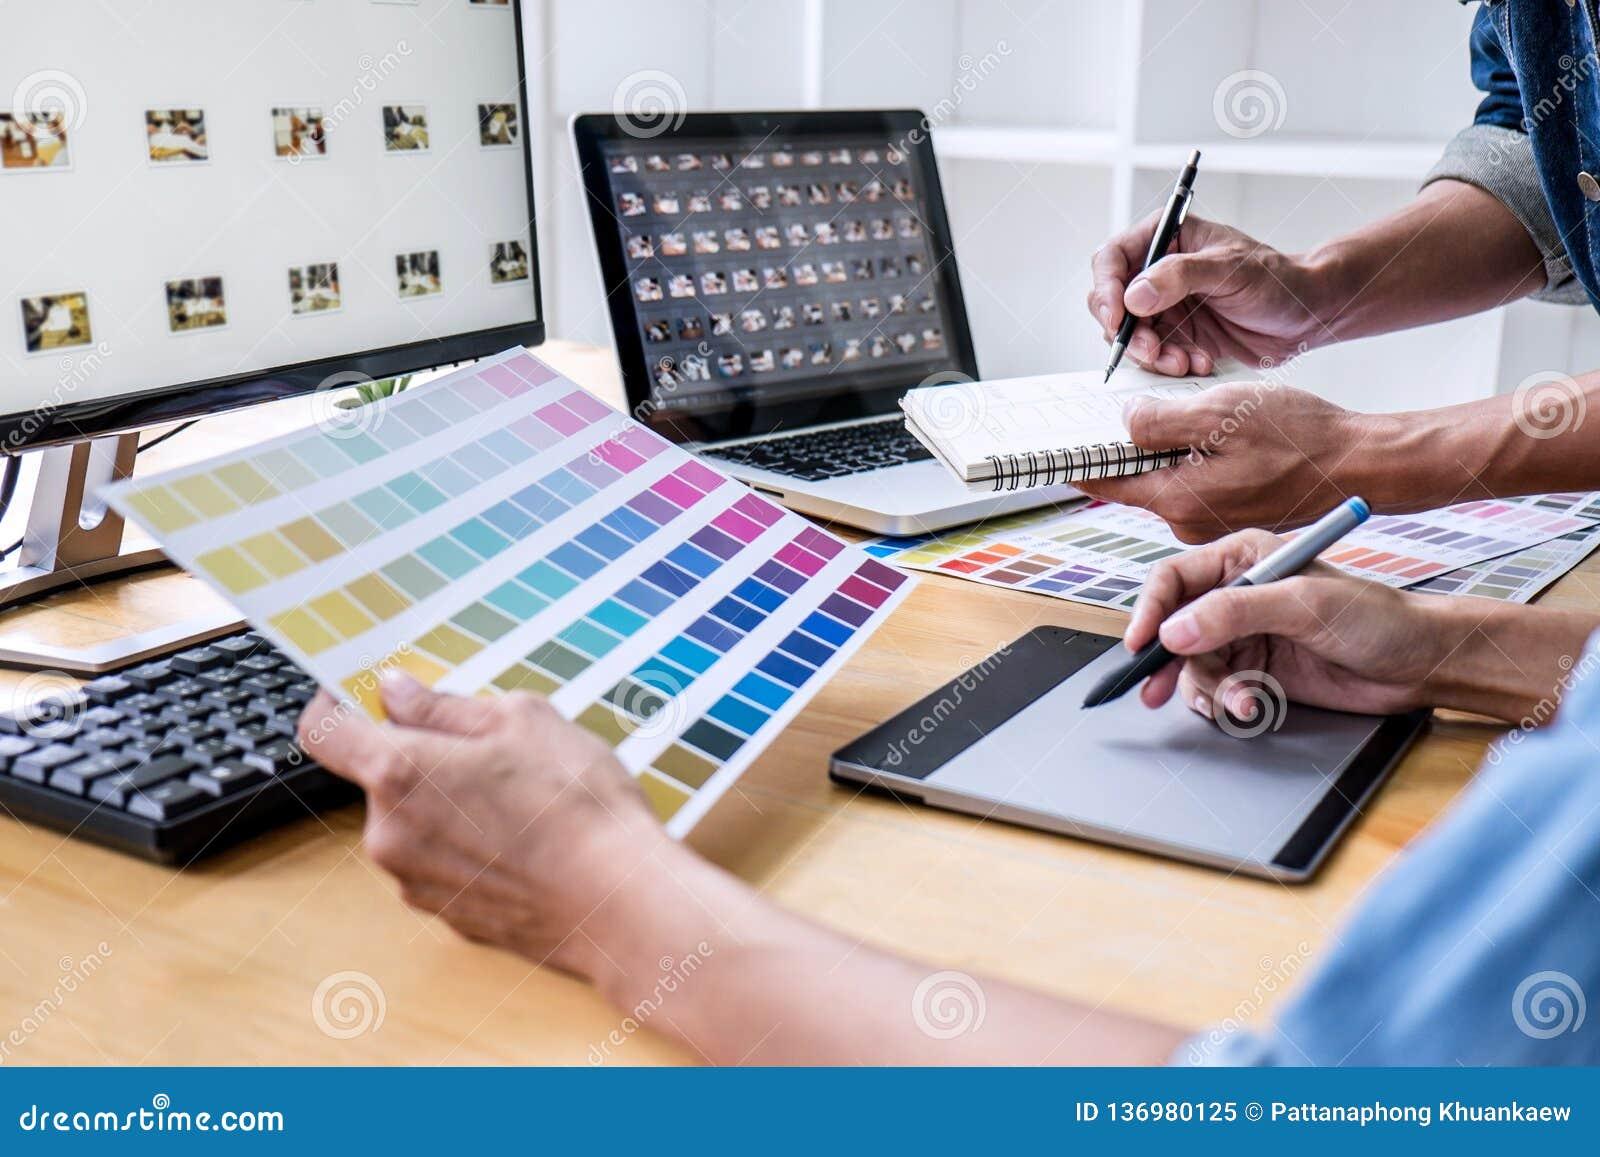 Δημιουργικός γραφικός σχεδιαστής δύο συναδέλφων που εργάζεται στην επιλογή χρώματος και που επισύρει την προσοχή στην ταμπλέτα γρ